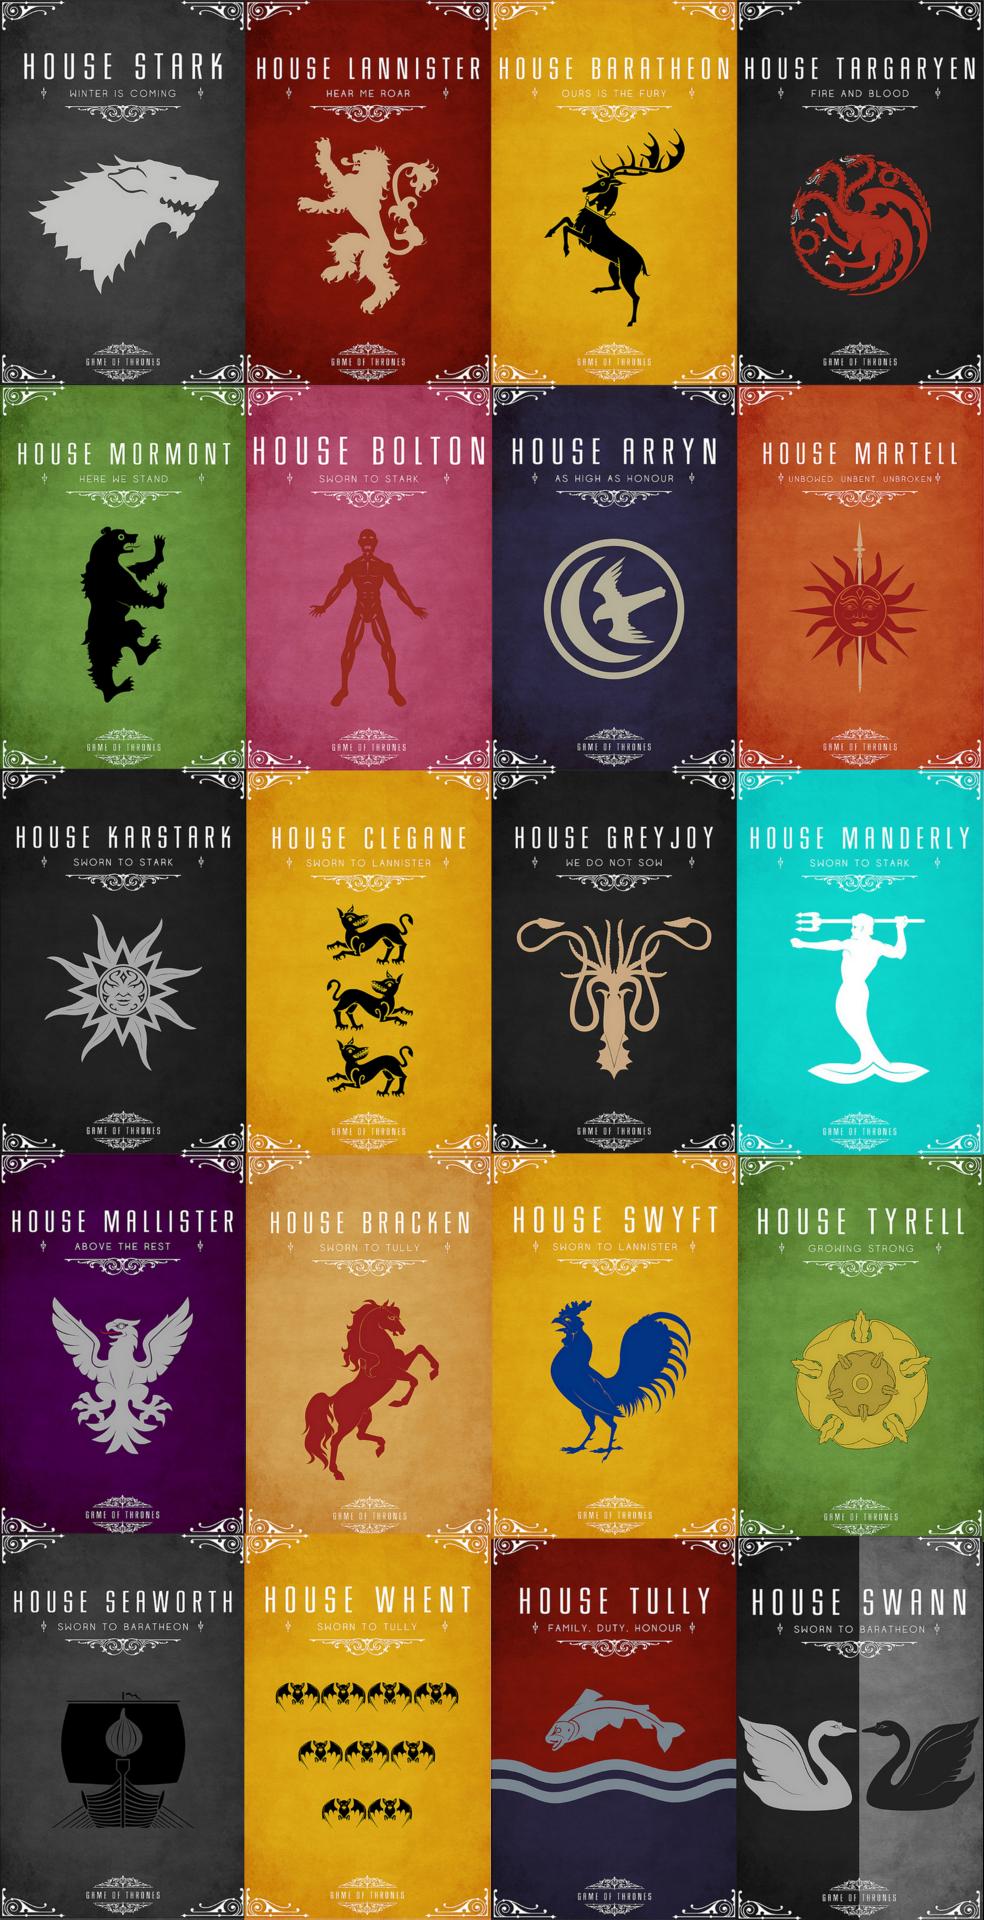 Las casas de gameofthrones o cancion de hielo y fuego - Juego de tronos casas ...